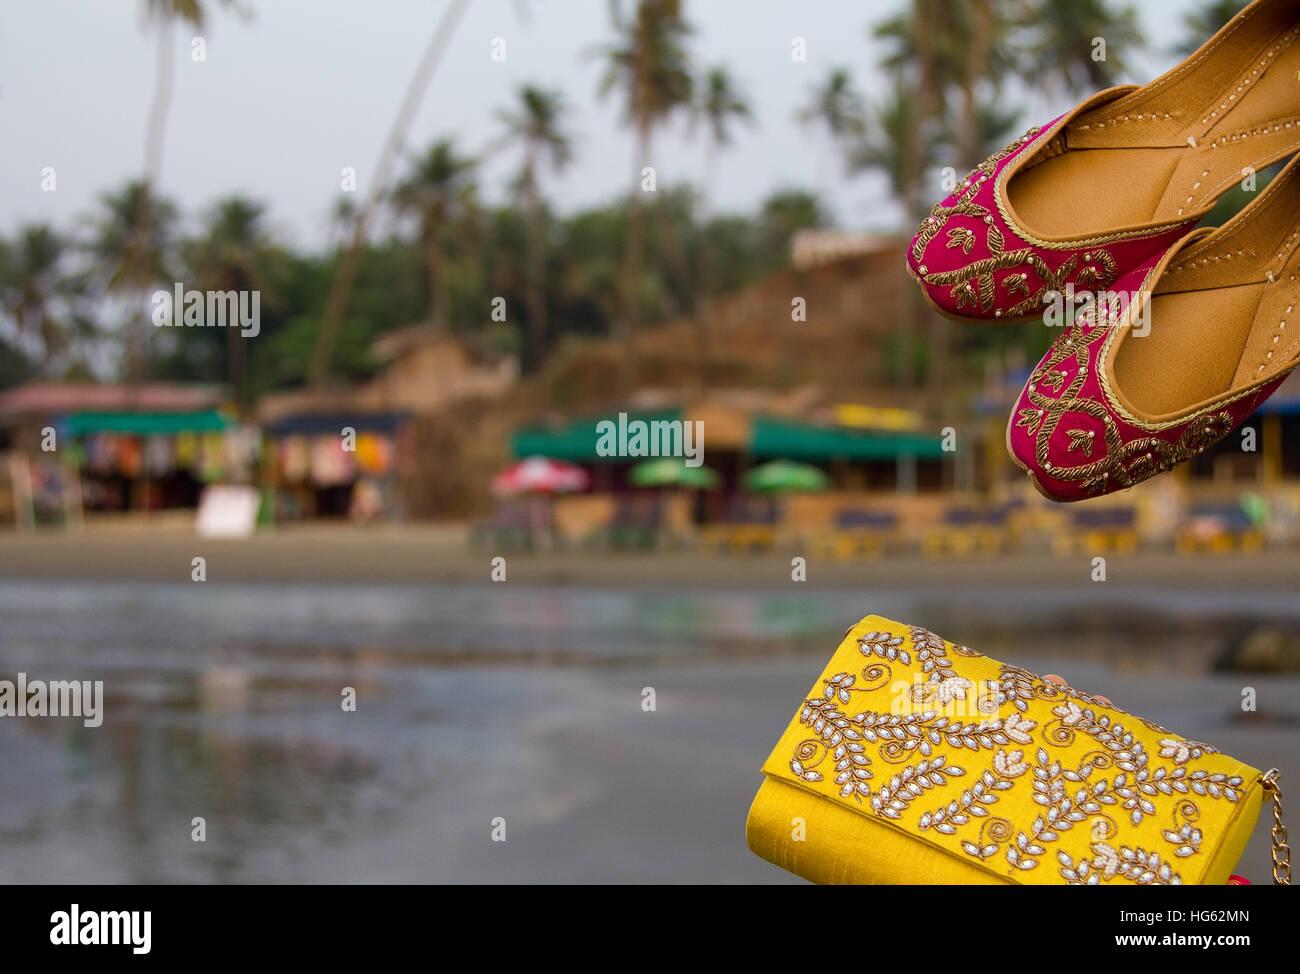 Coppia di tradizionale etnica indiana jutis rosa (scarpe donna) e una borsetta su una spiaggia in Goa, India con Immagini Stock